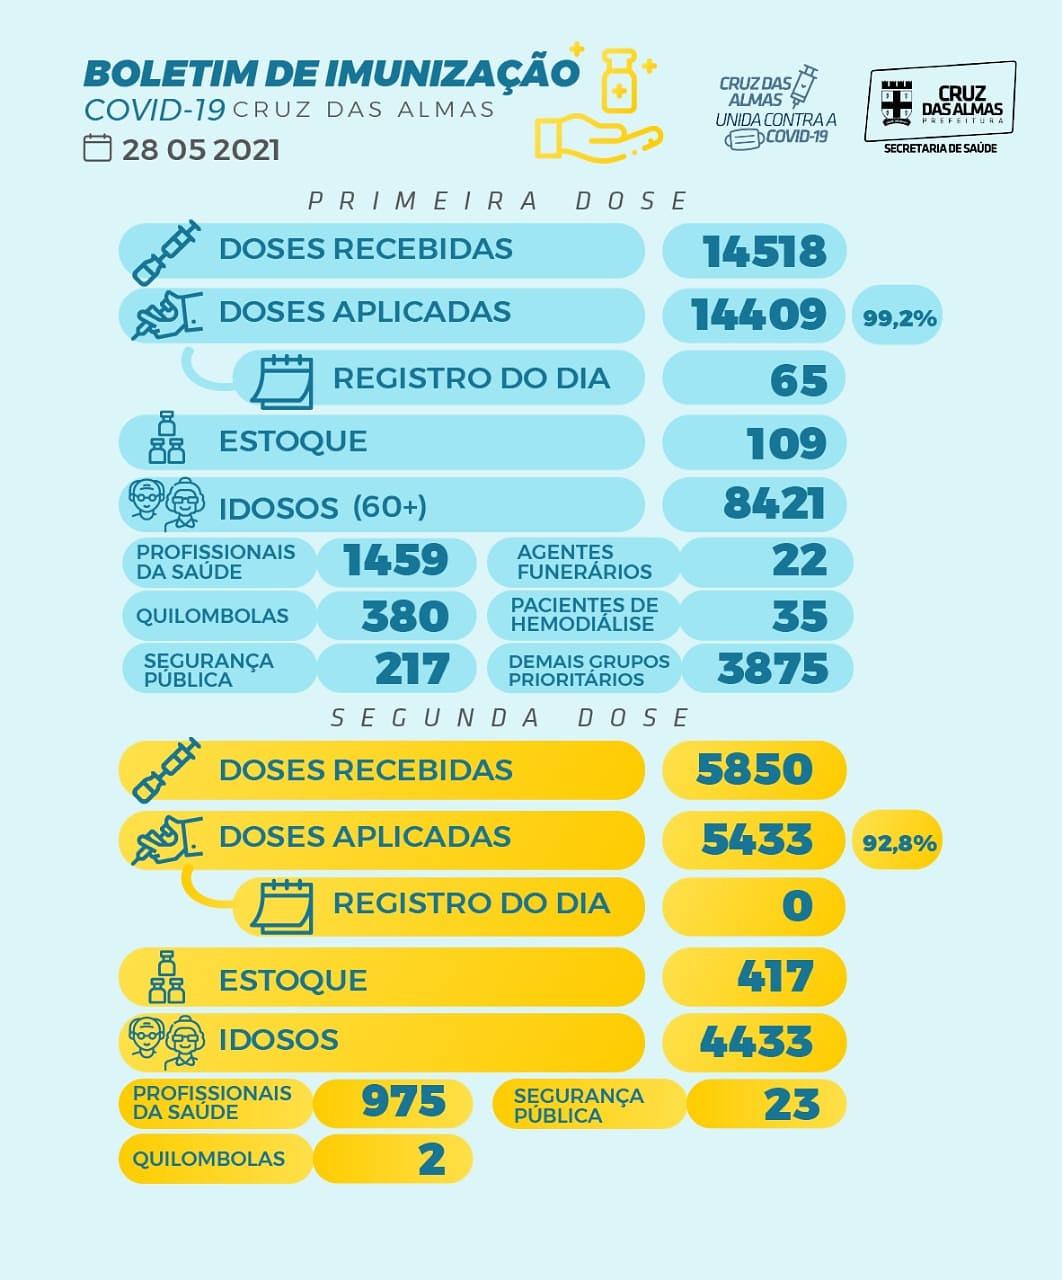 BOLETIM DE IMUNIZAÇÃO 28/05/2021